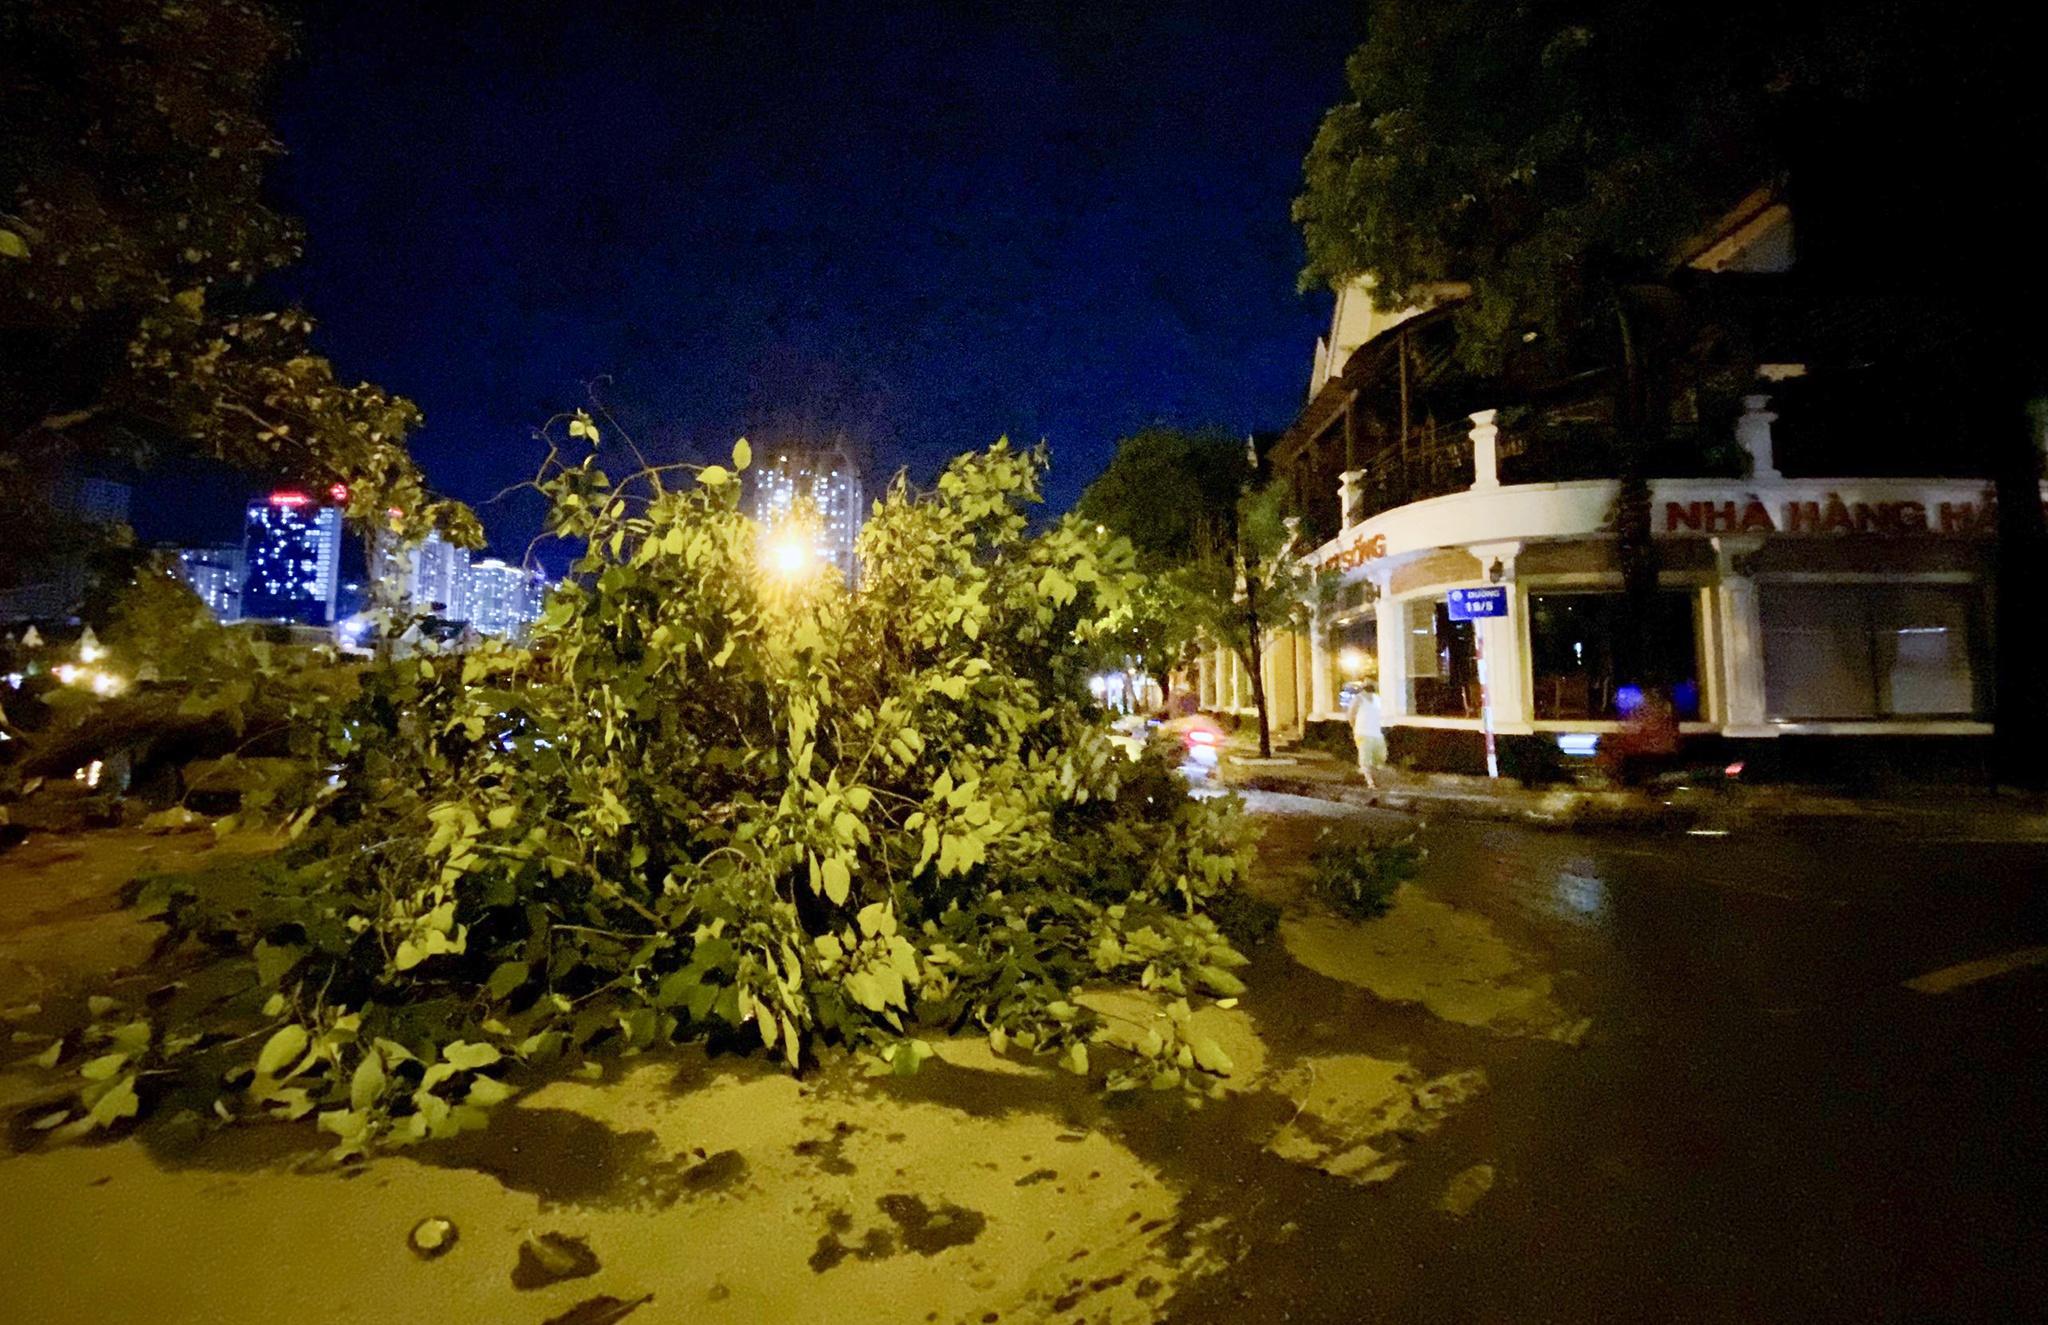 Bắt cá giữa đường sau mưa ngập ở Hà Nội - Ảnh 13.